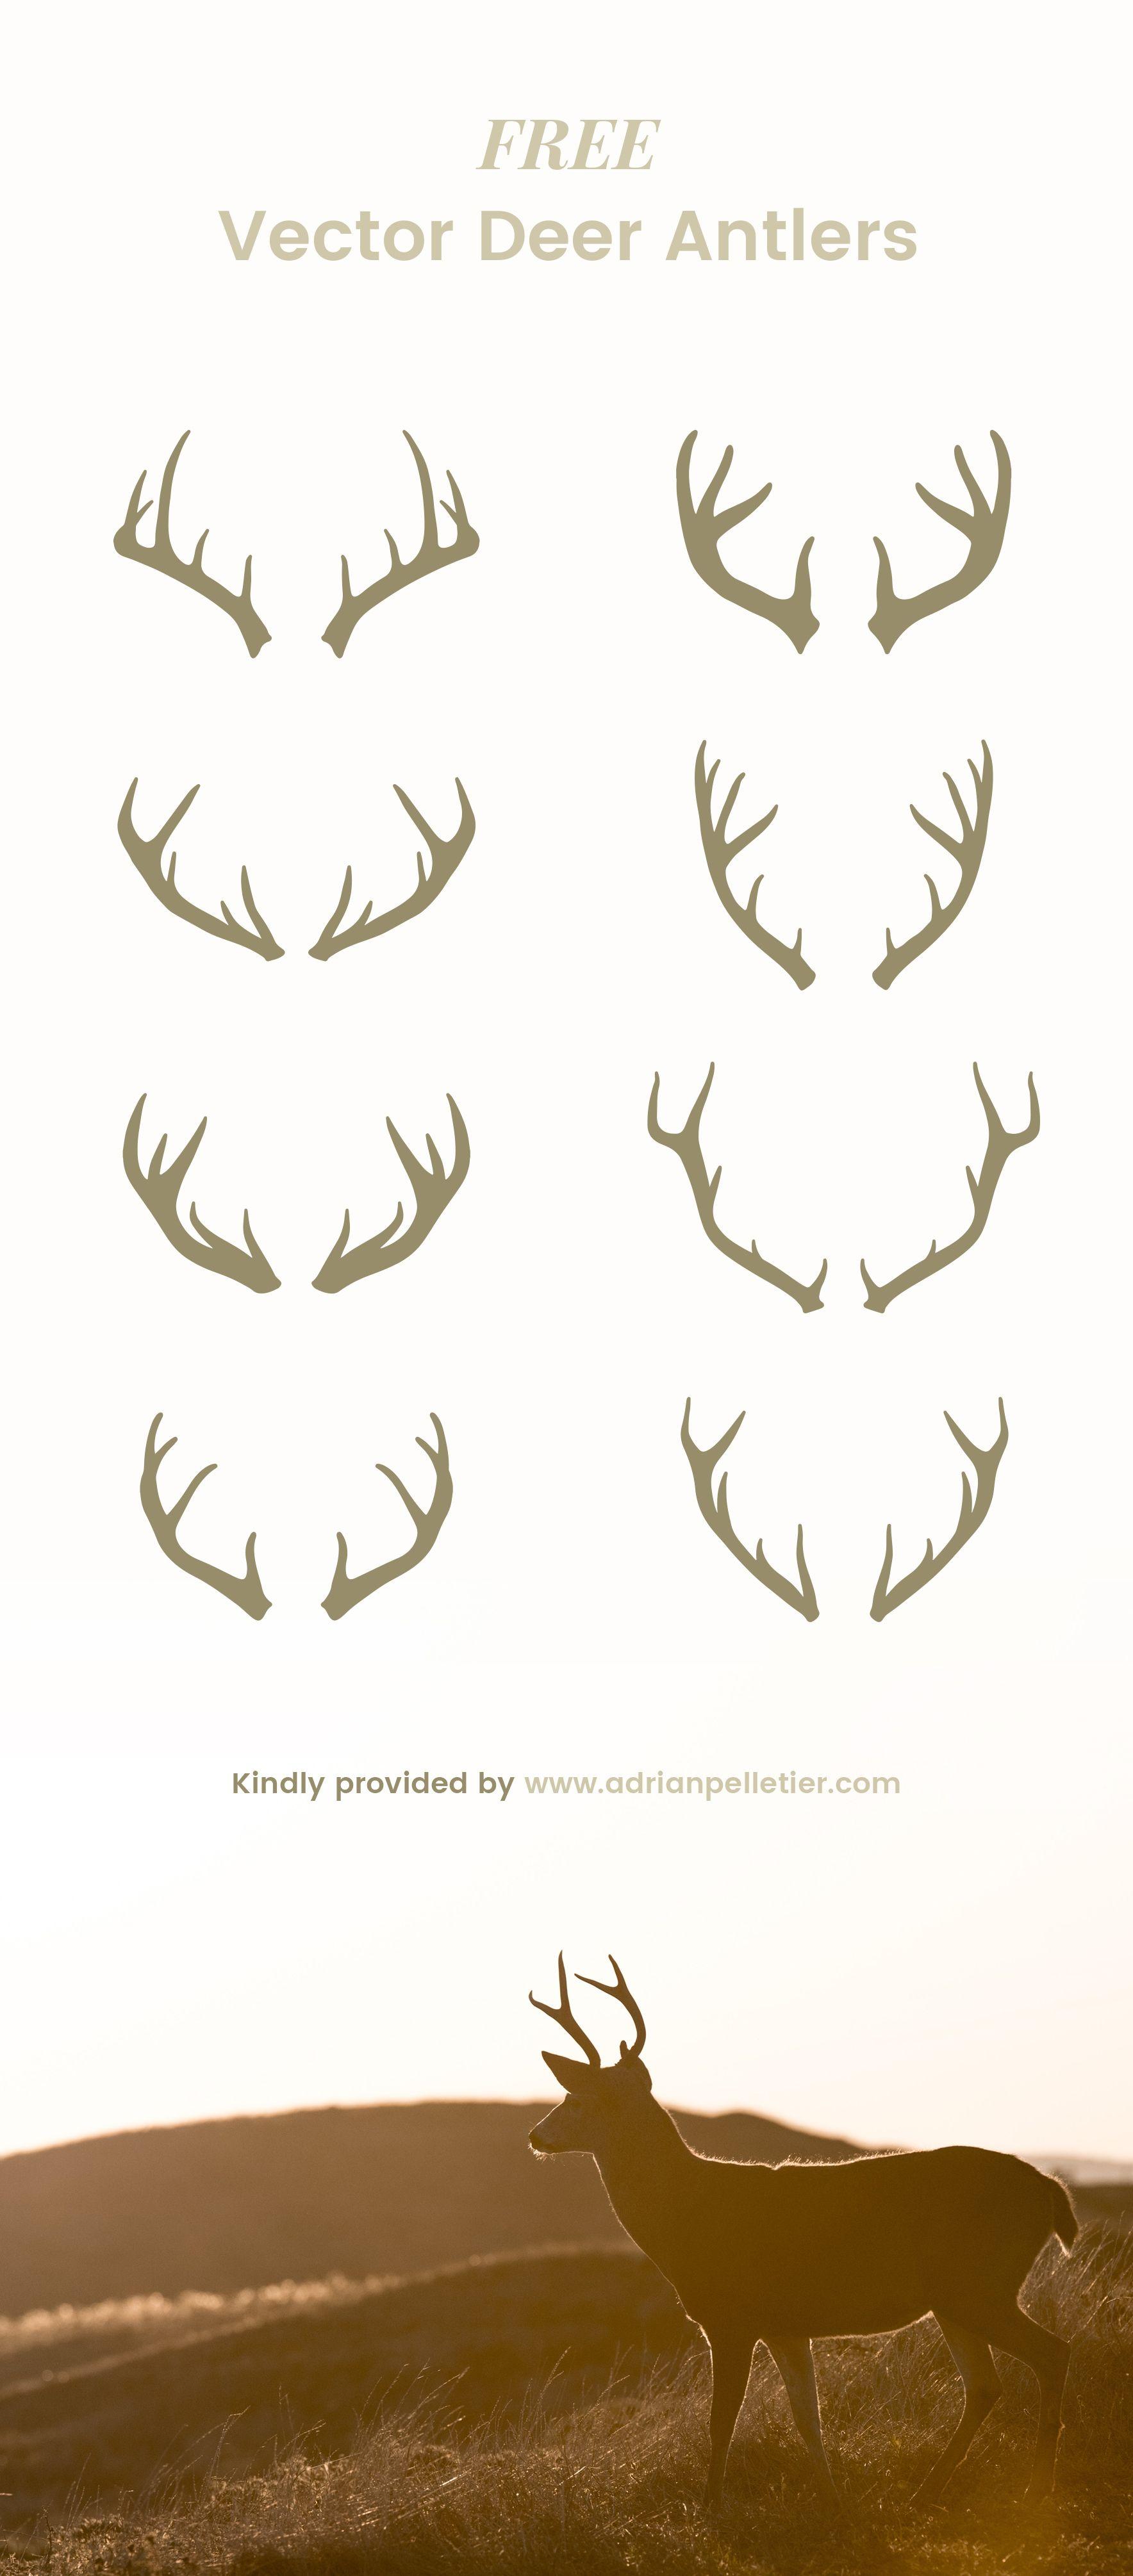 Free Vector Deer Antlers. free freebies freeresource